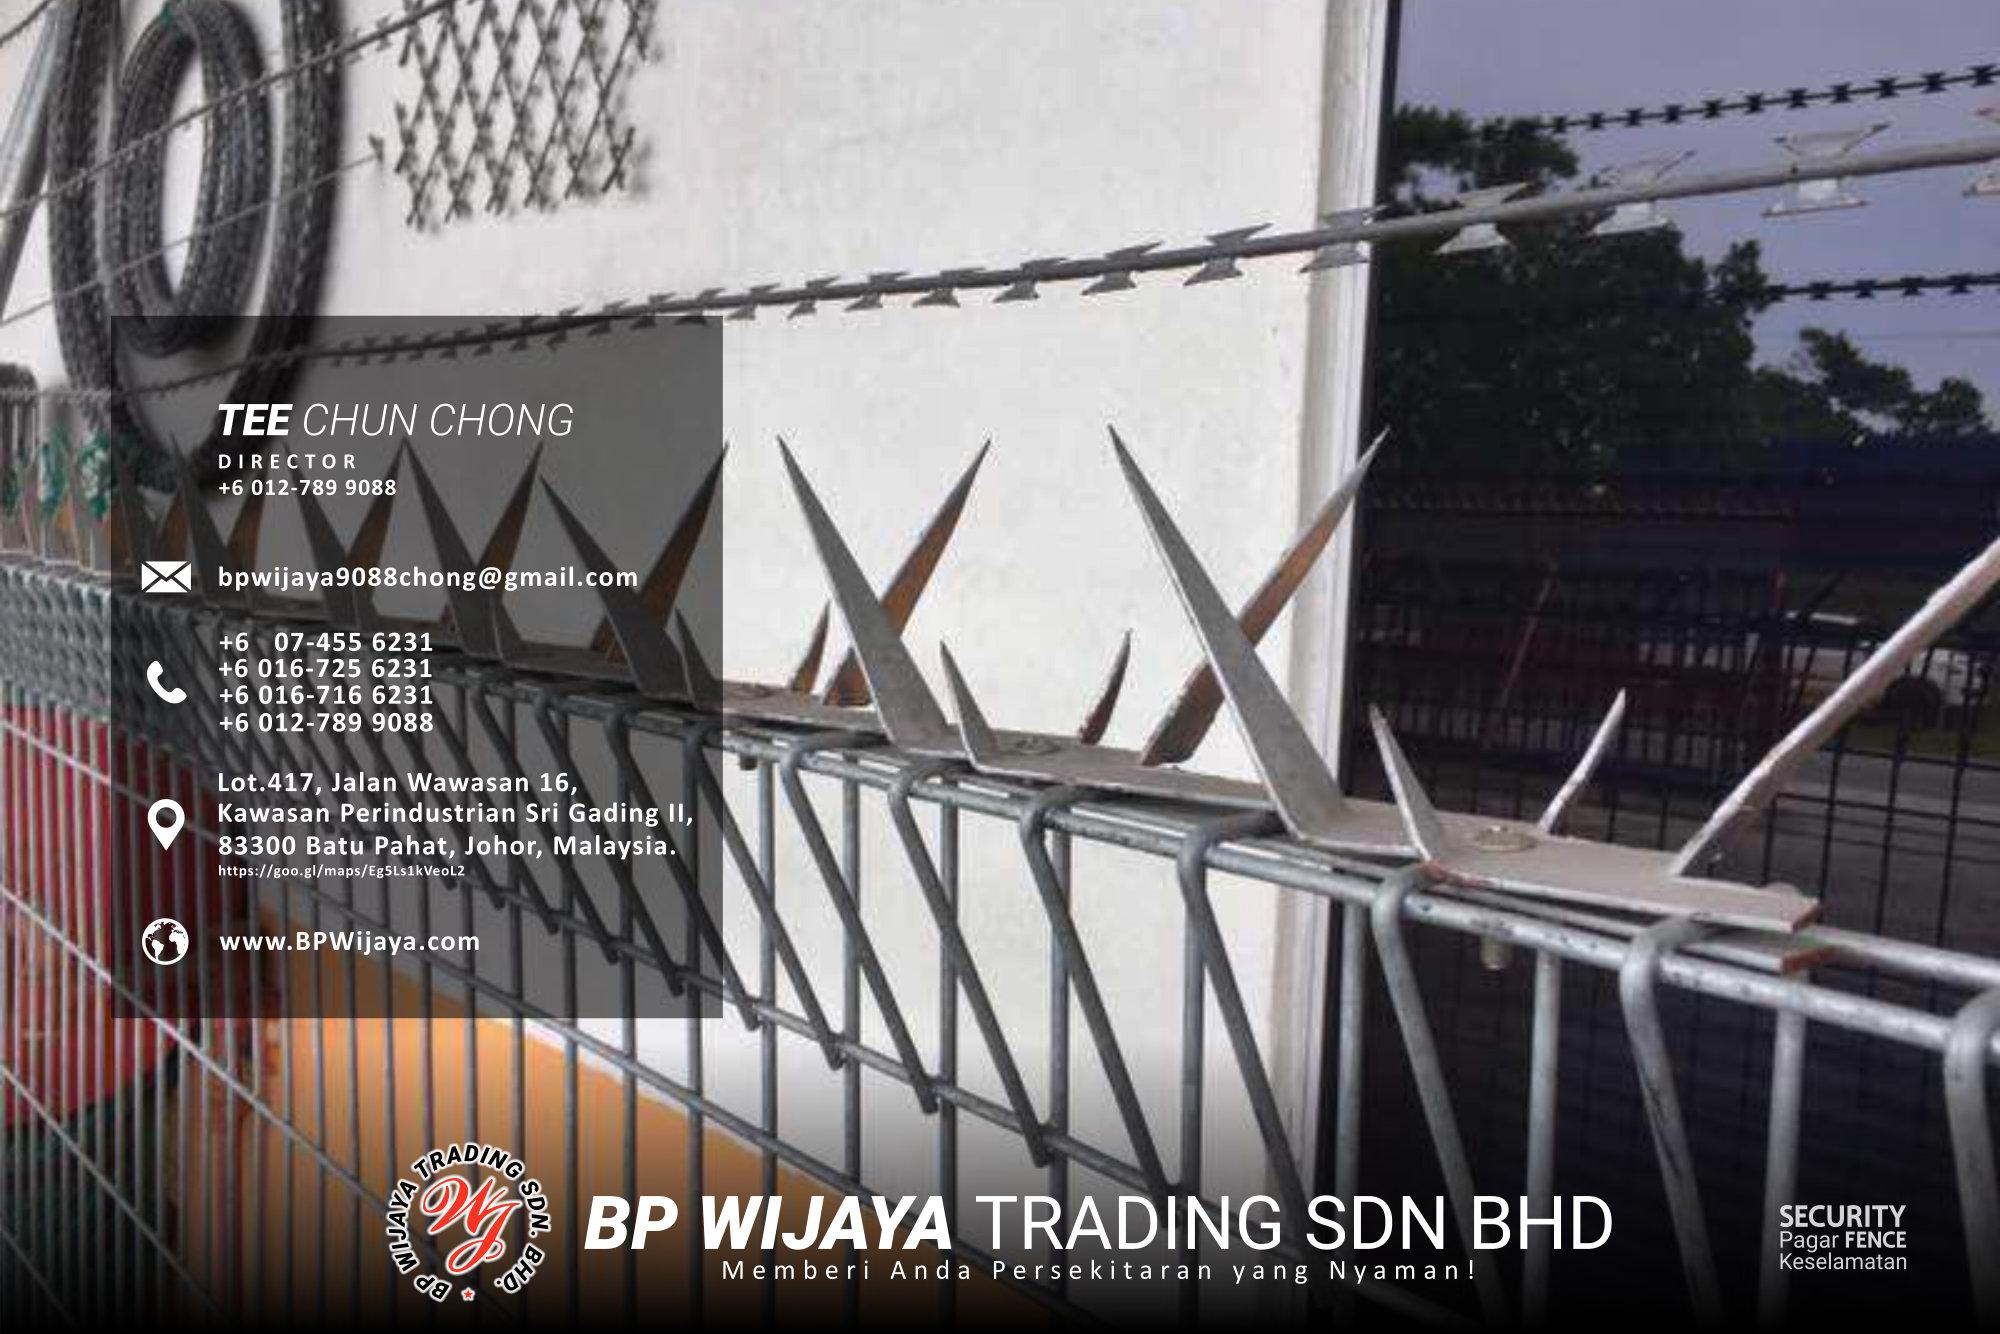 Pembekal Kuala Lumpur Pagar Keselamatan kami merupakan pengilang pagar keselamatan BP Wijaya Trading Sdn Bhd Pagar Taman Pagar Bangunan Pagar Kilang Pagar Rumah Pemborong Pagar Keselamatan A03-025